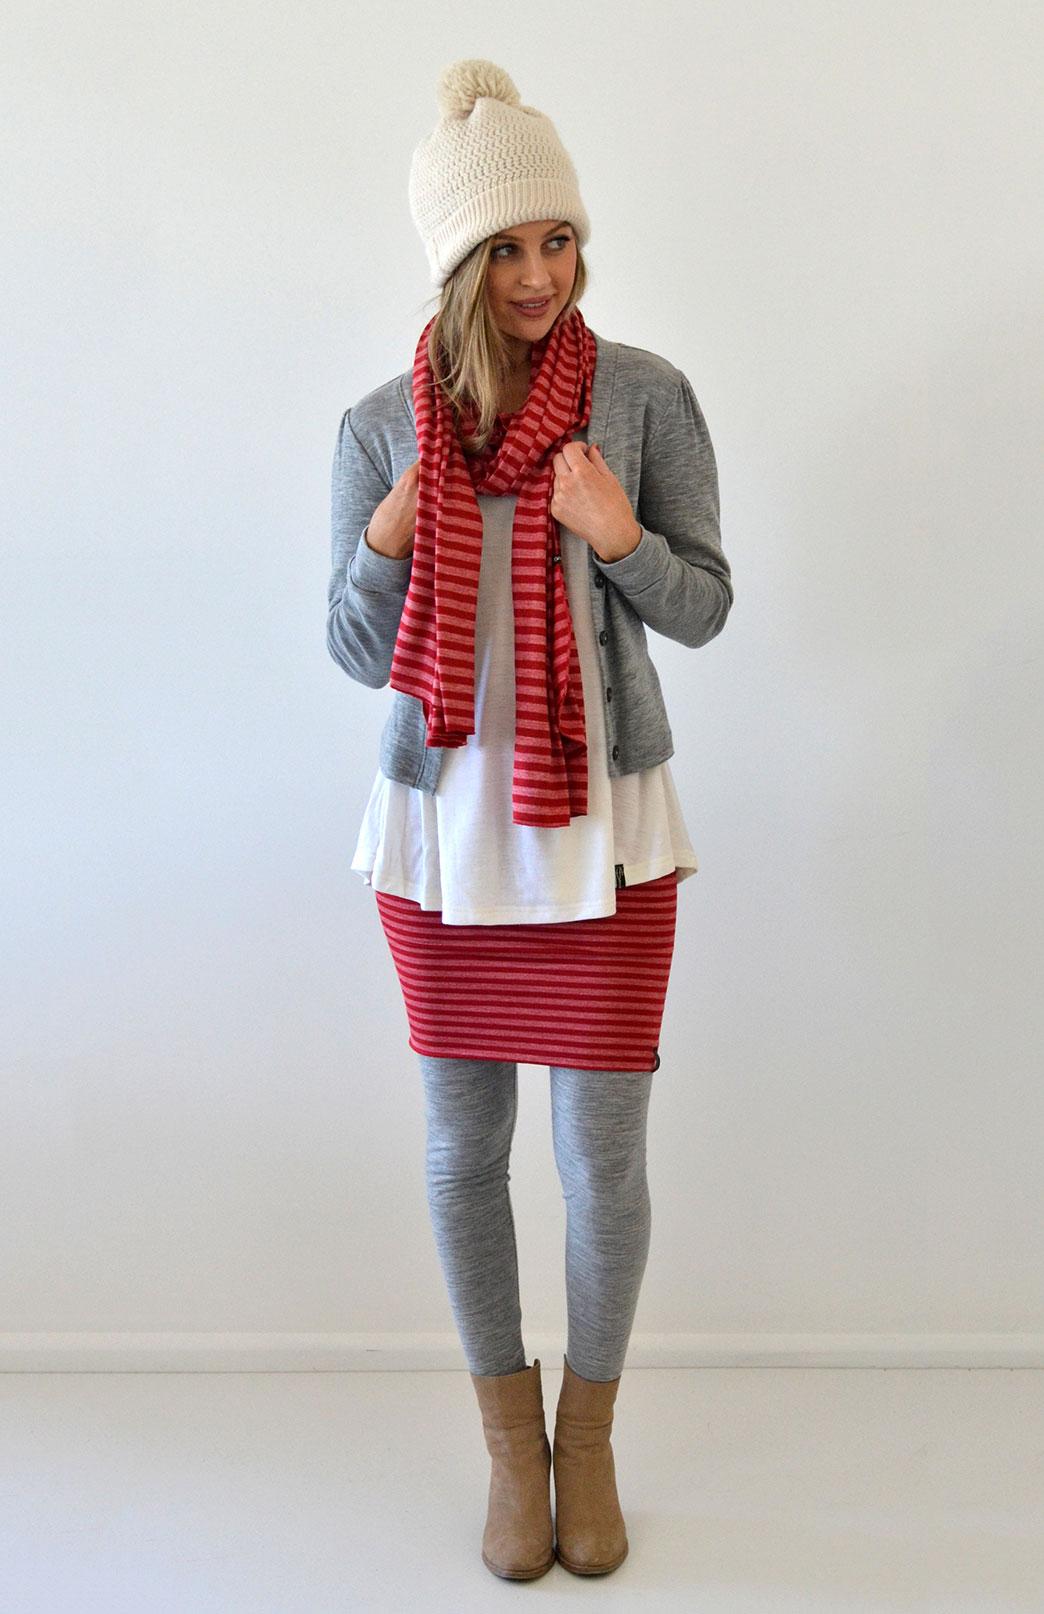 184b08d1ef1 Short Tube Skirt - Striped